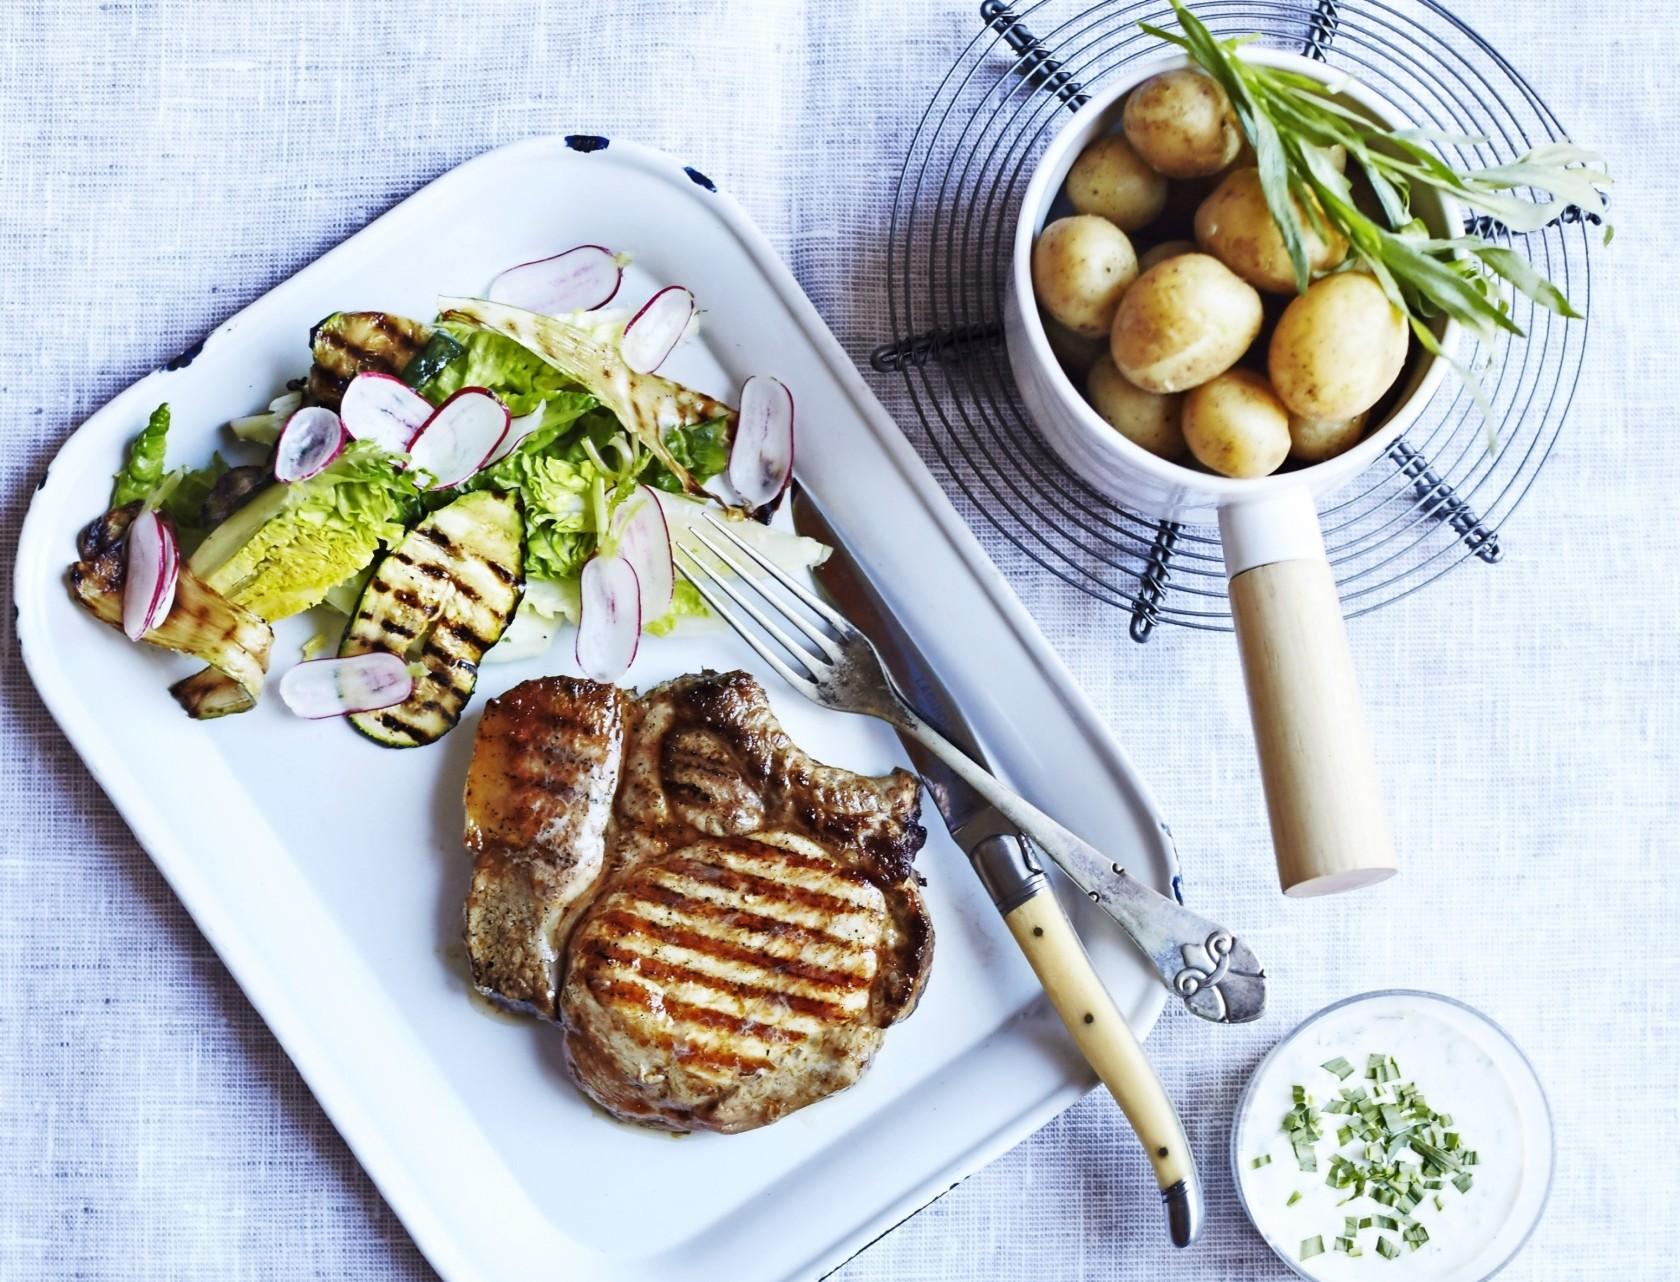 Grillede koteletter med nye kartofler og squash